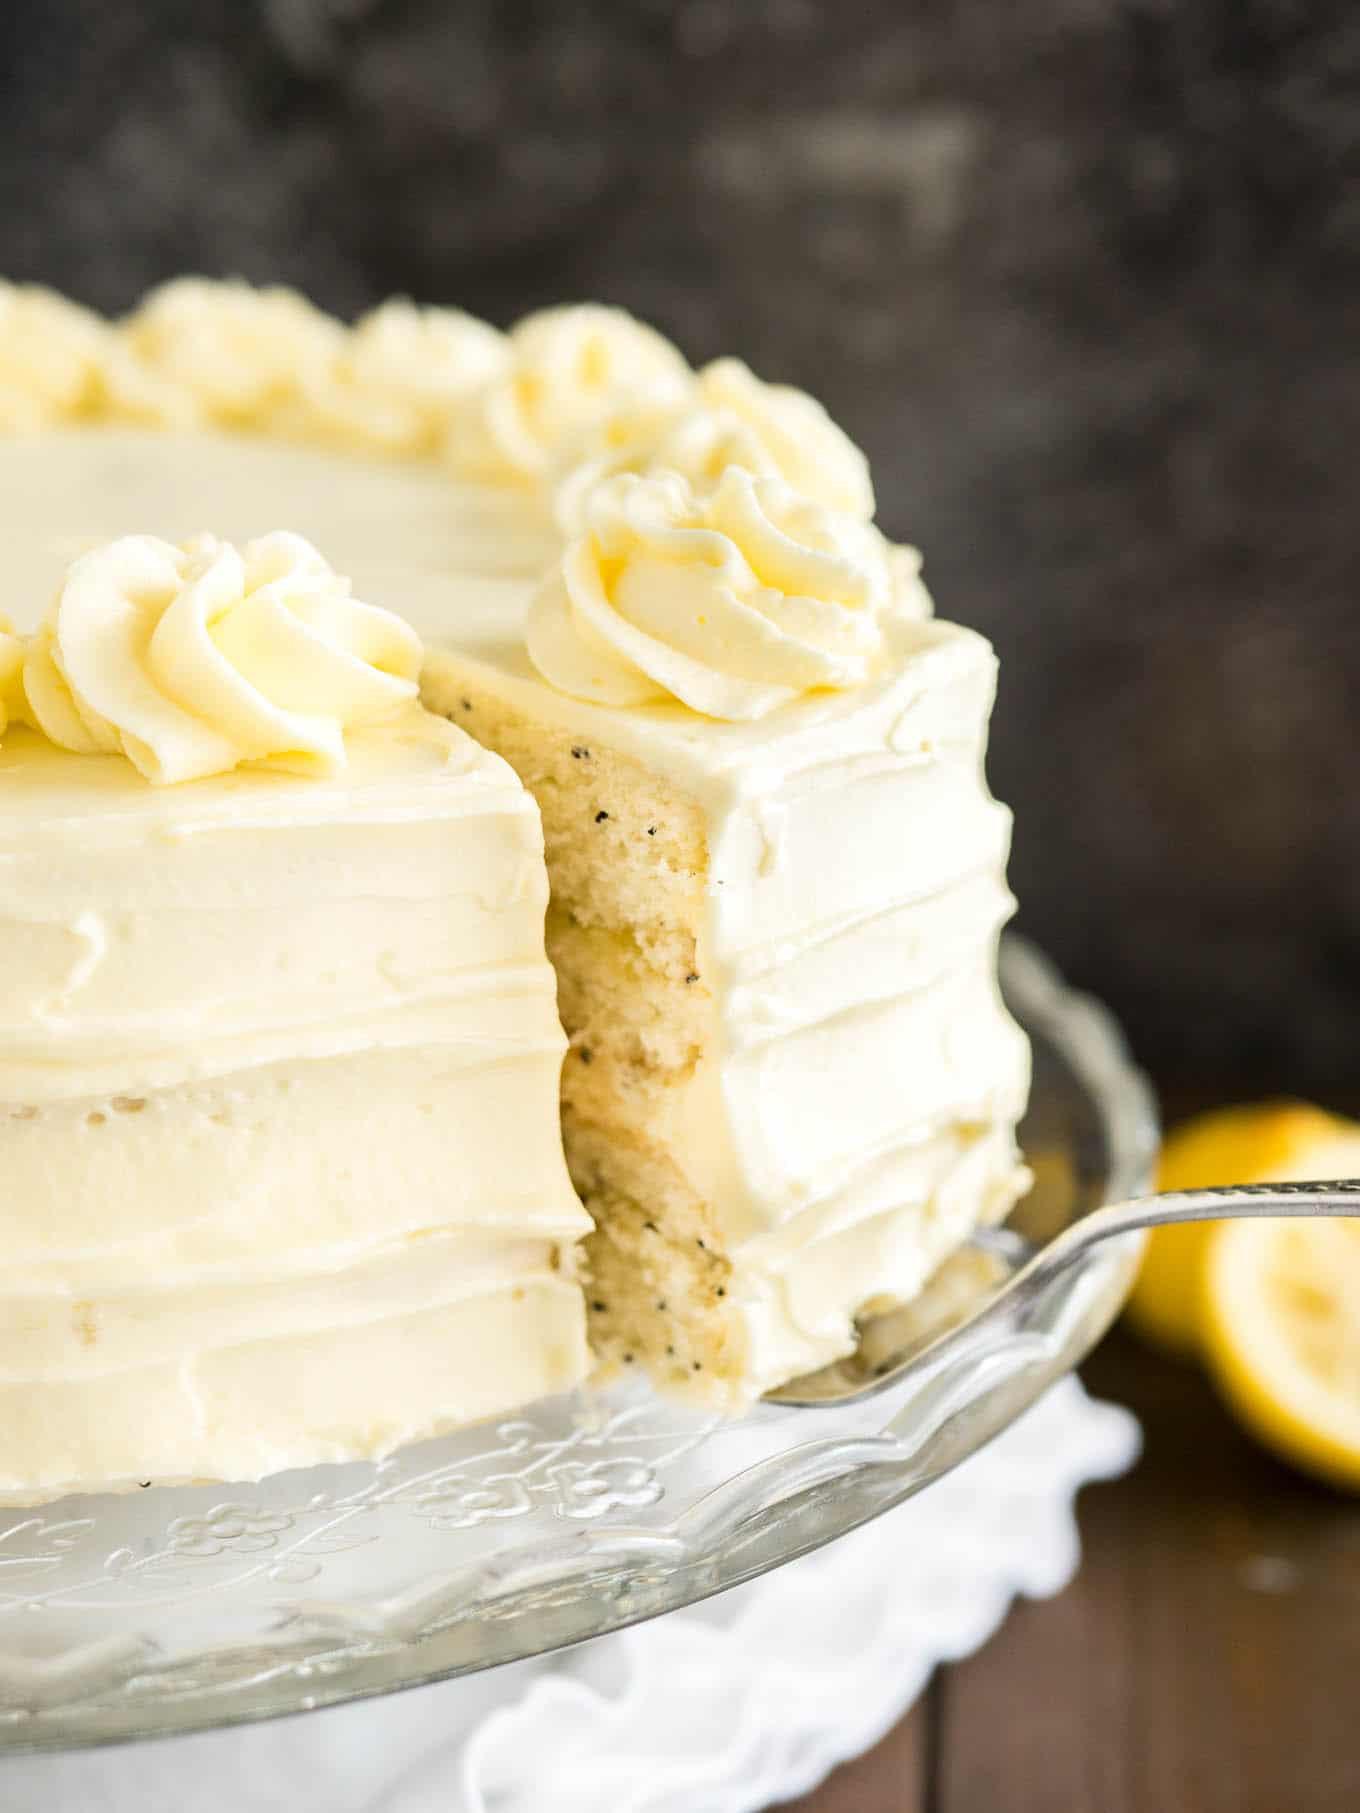 Lemon Poppyseed Cake  Lemon Poppy Seed Cake Recipe with Lemon Curd Frosting